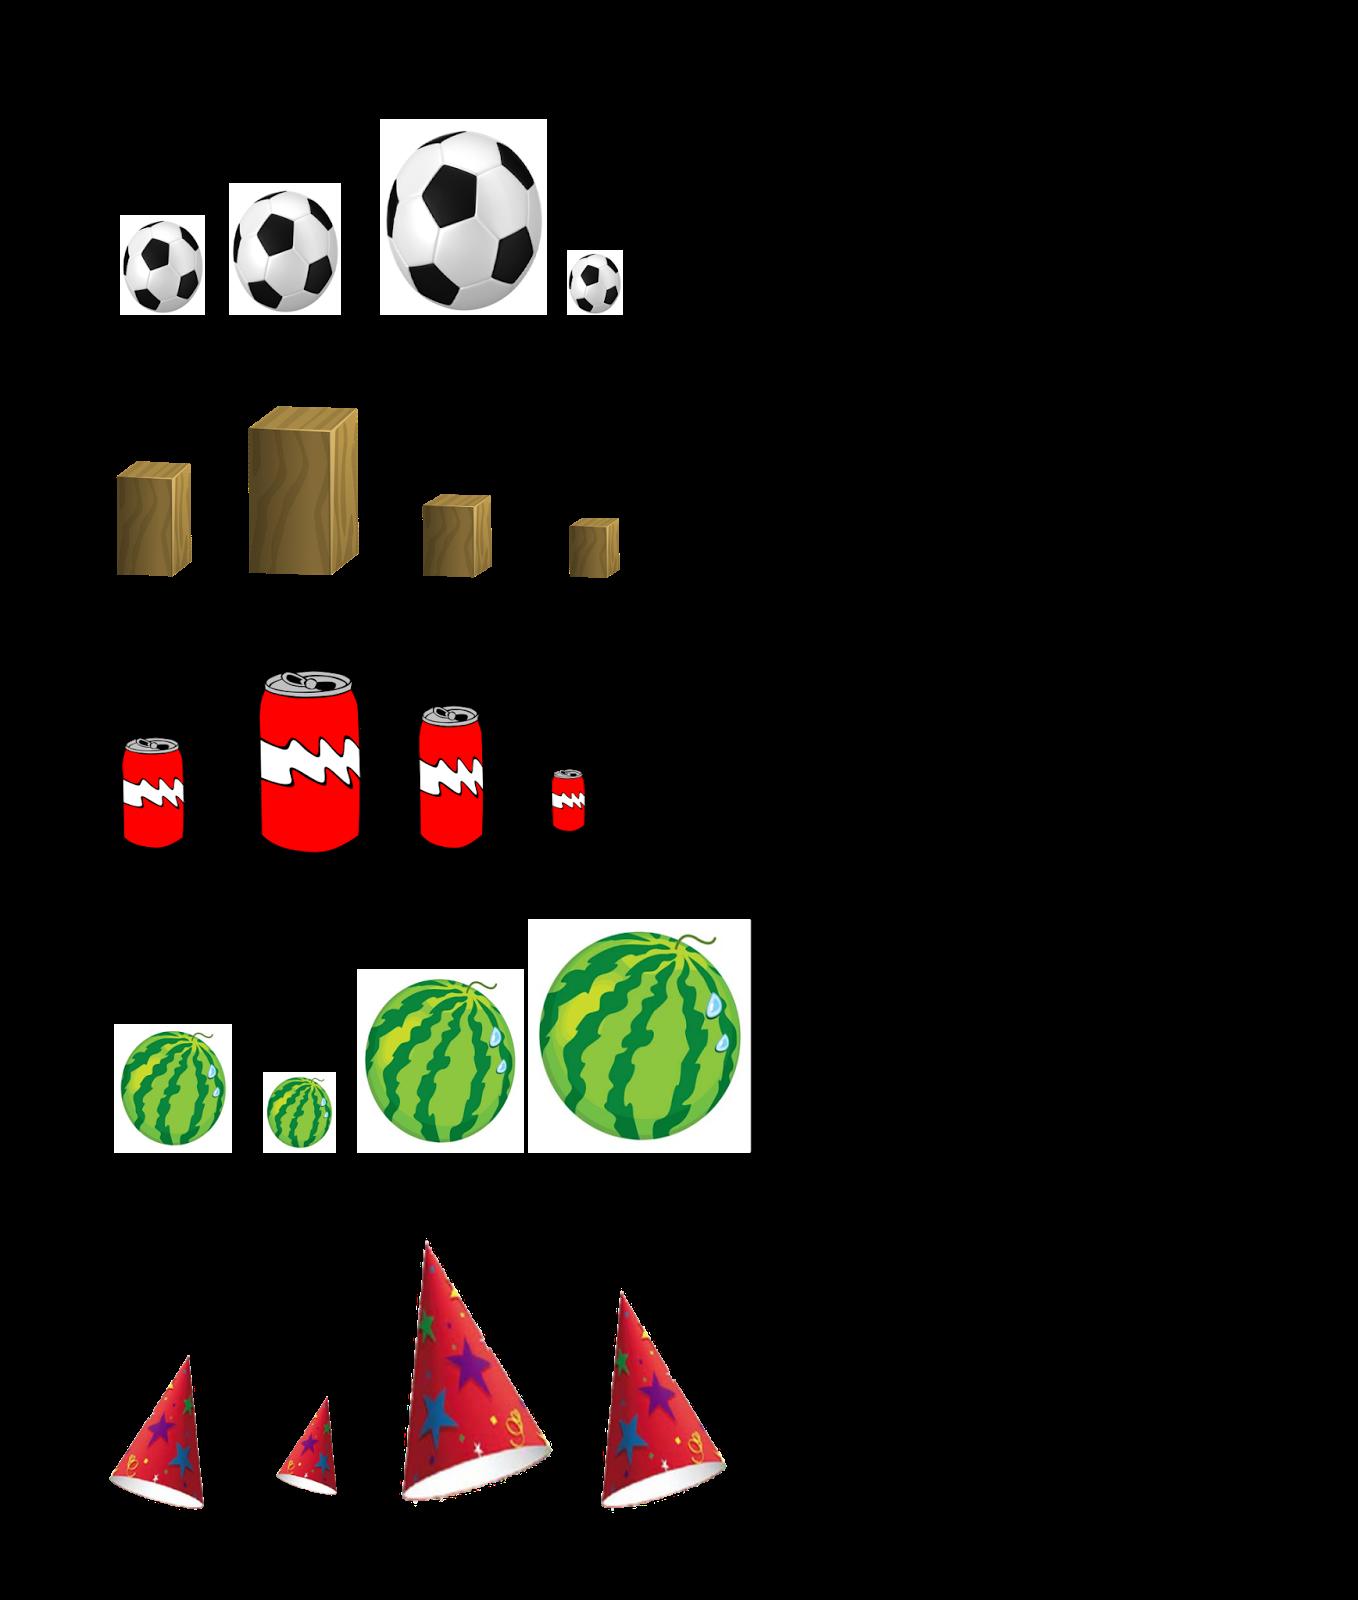 Gambar Soal Matematika Kelas 1 Sd Bab 4 Bangun Ruang Kunci Di Rebanas Rebanas